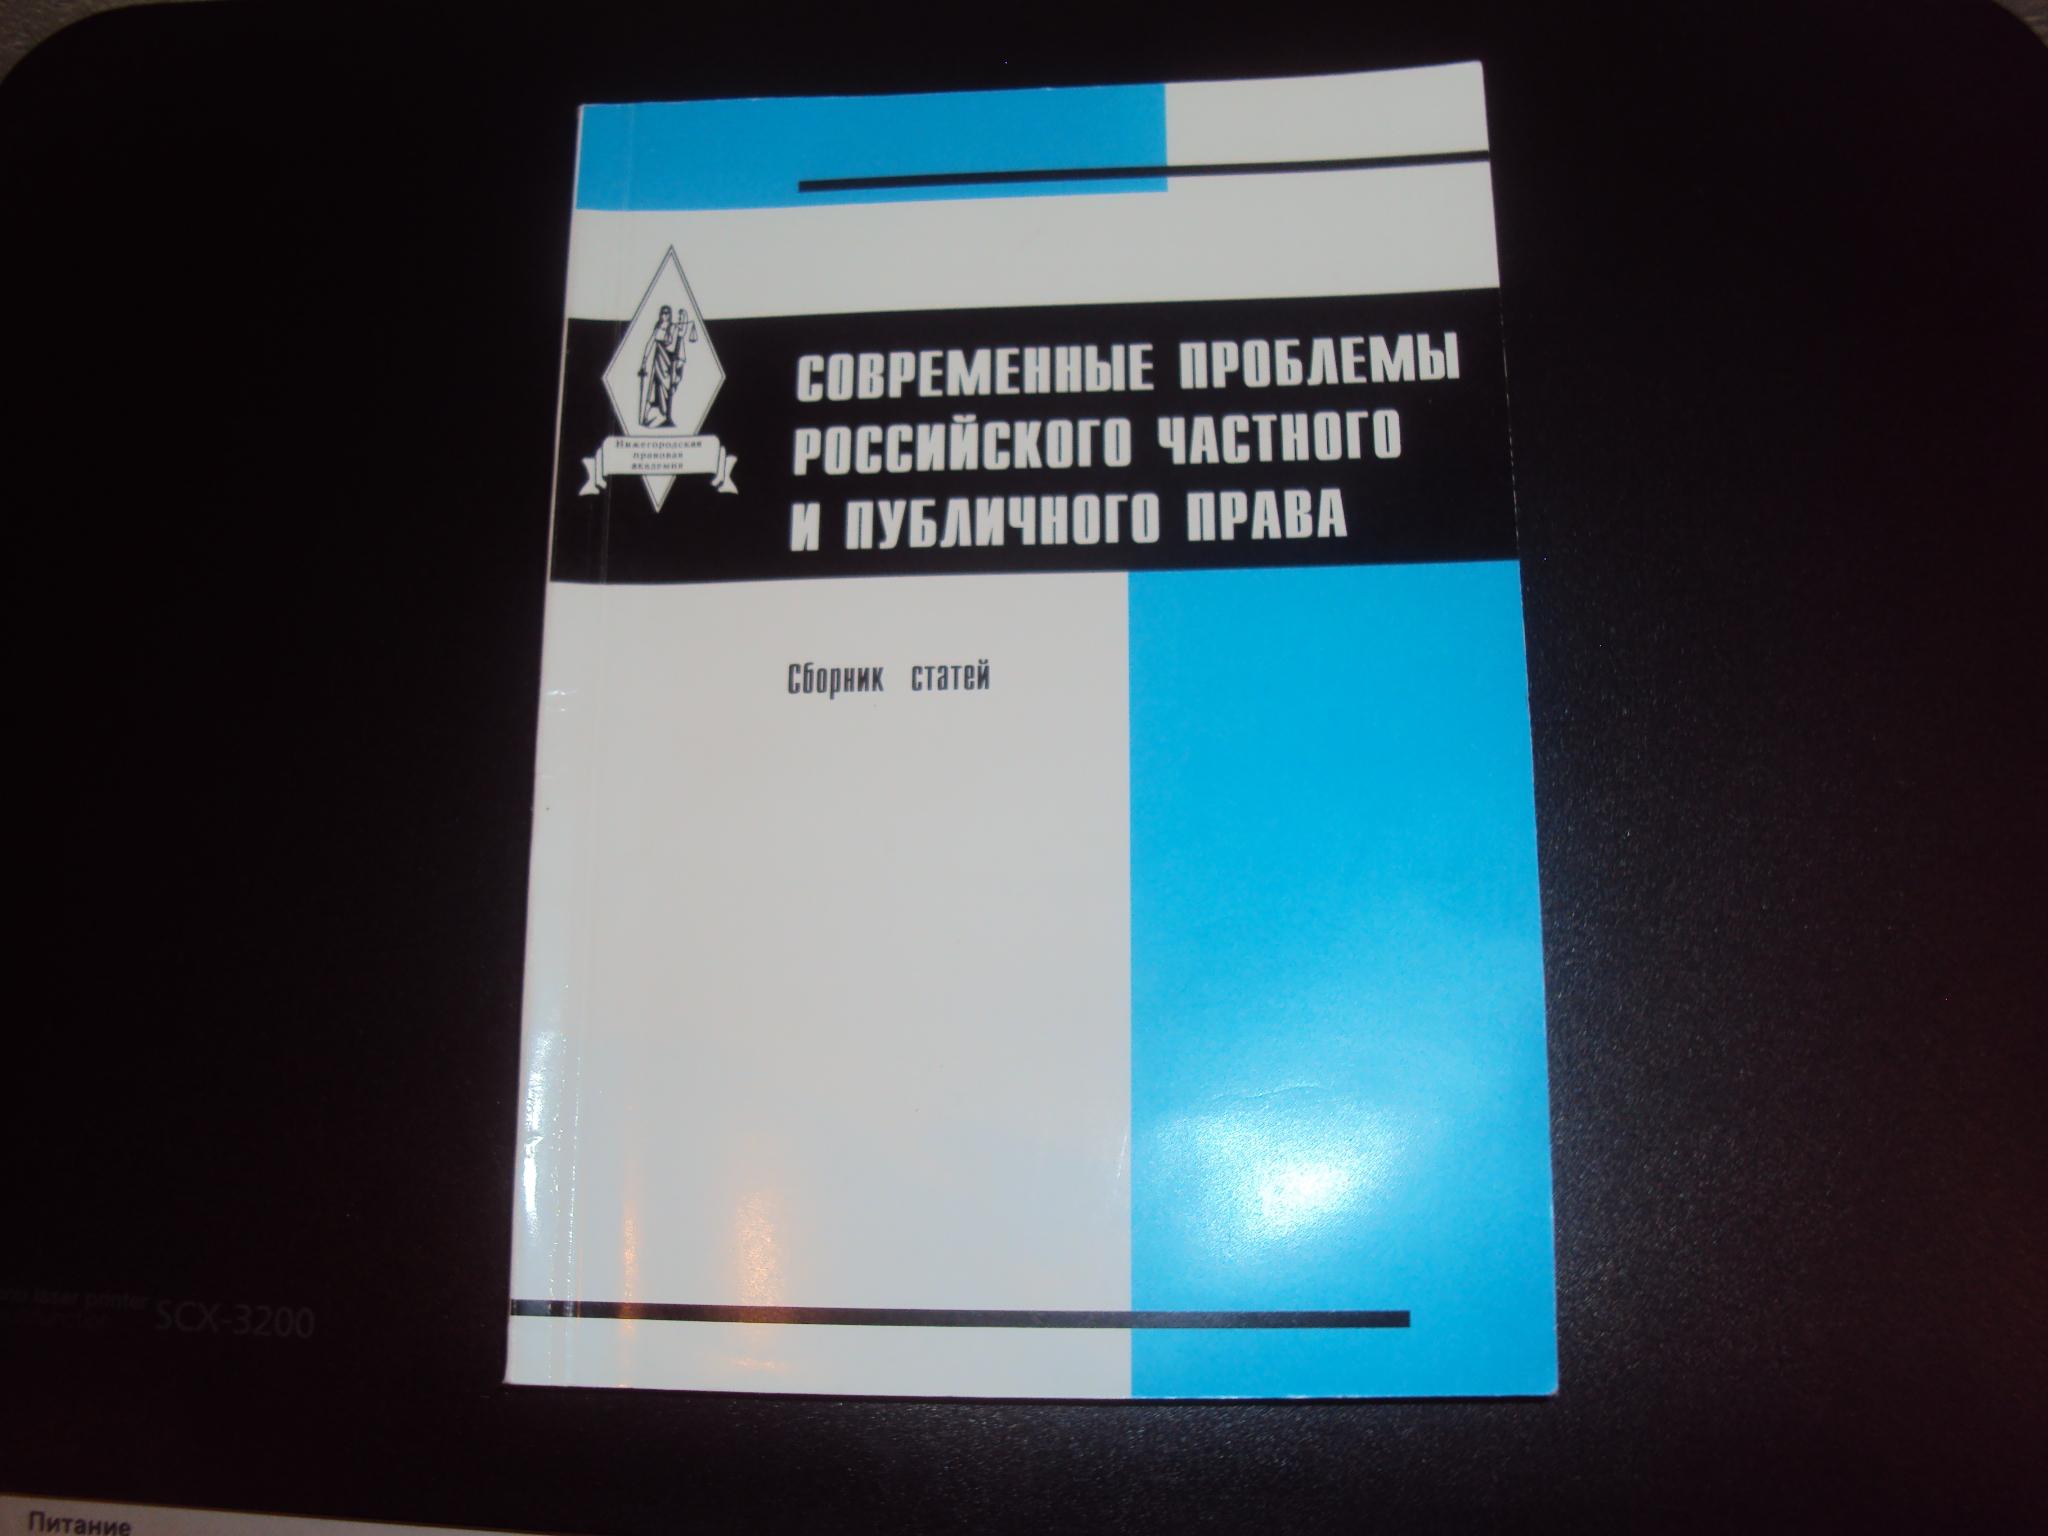 Современные проблемы российского частного и публичного права: сборник научных трудов межвузовской научной конференции